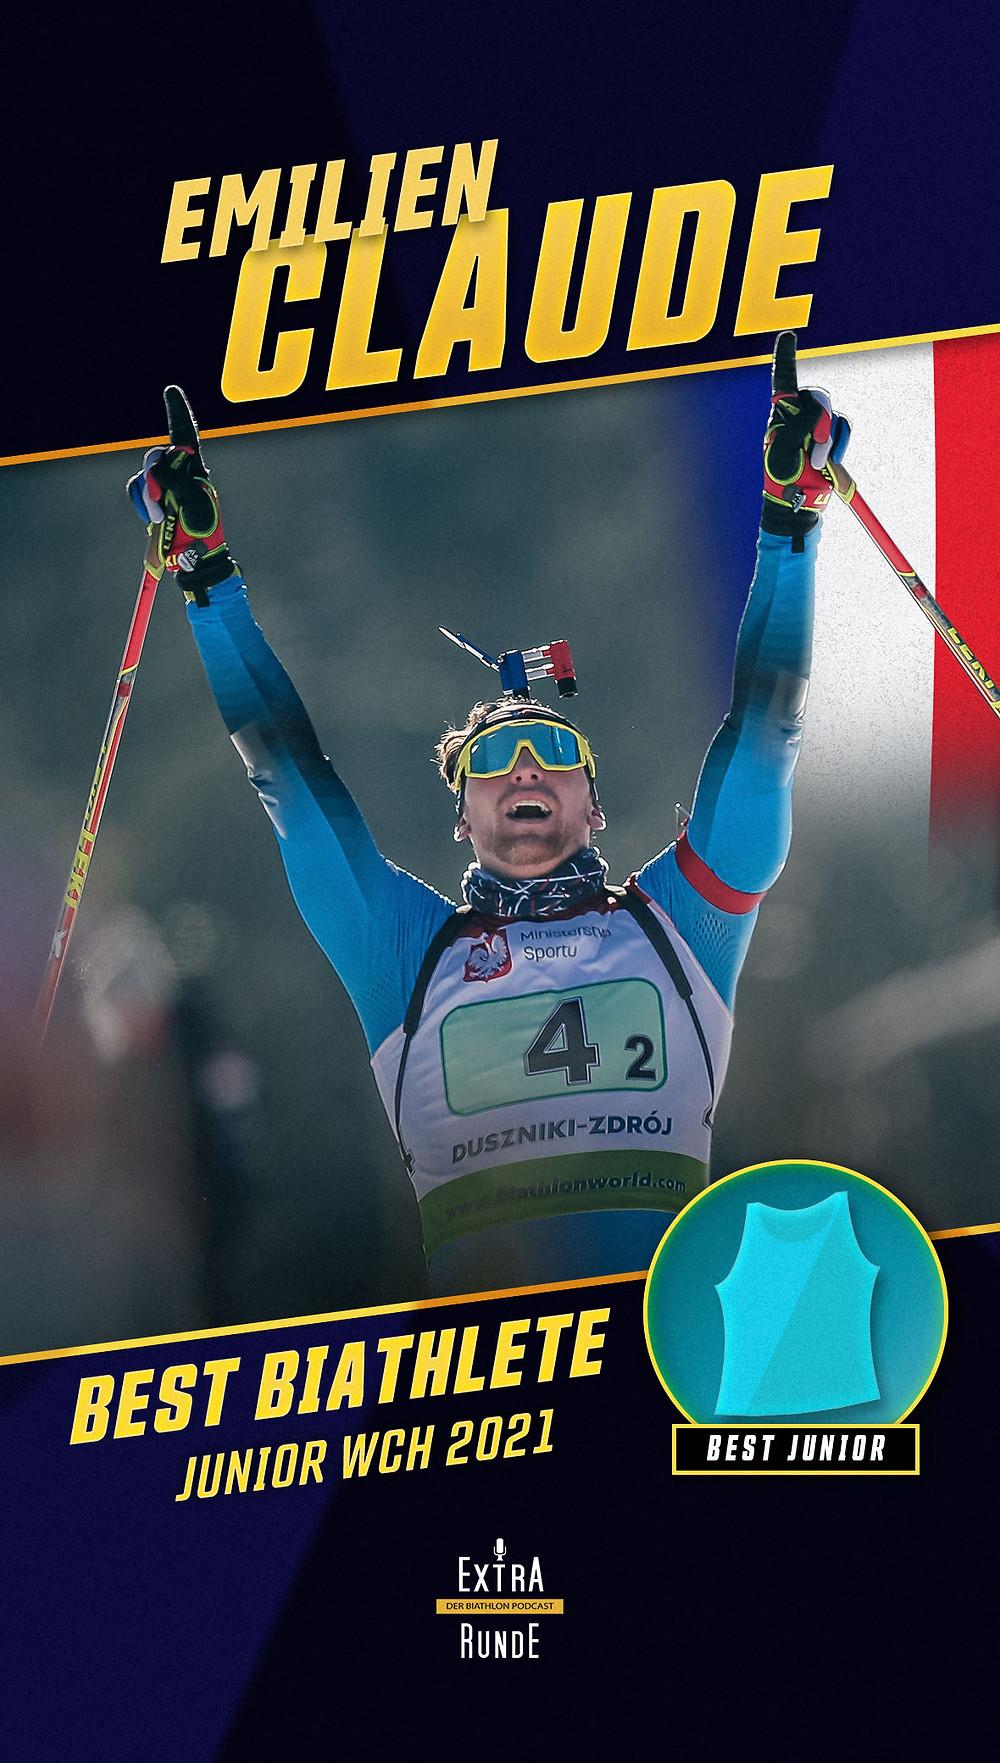 Emilien Claude ist der beste Biathlet der Biathlon Juniorweltmeisterschaft 2021 in Obertilliach.